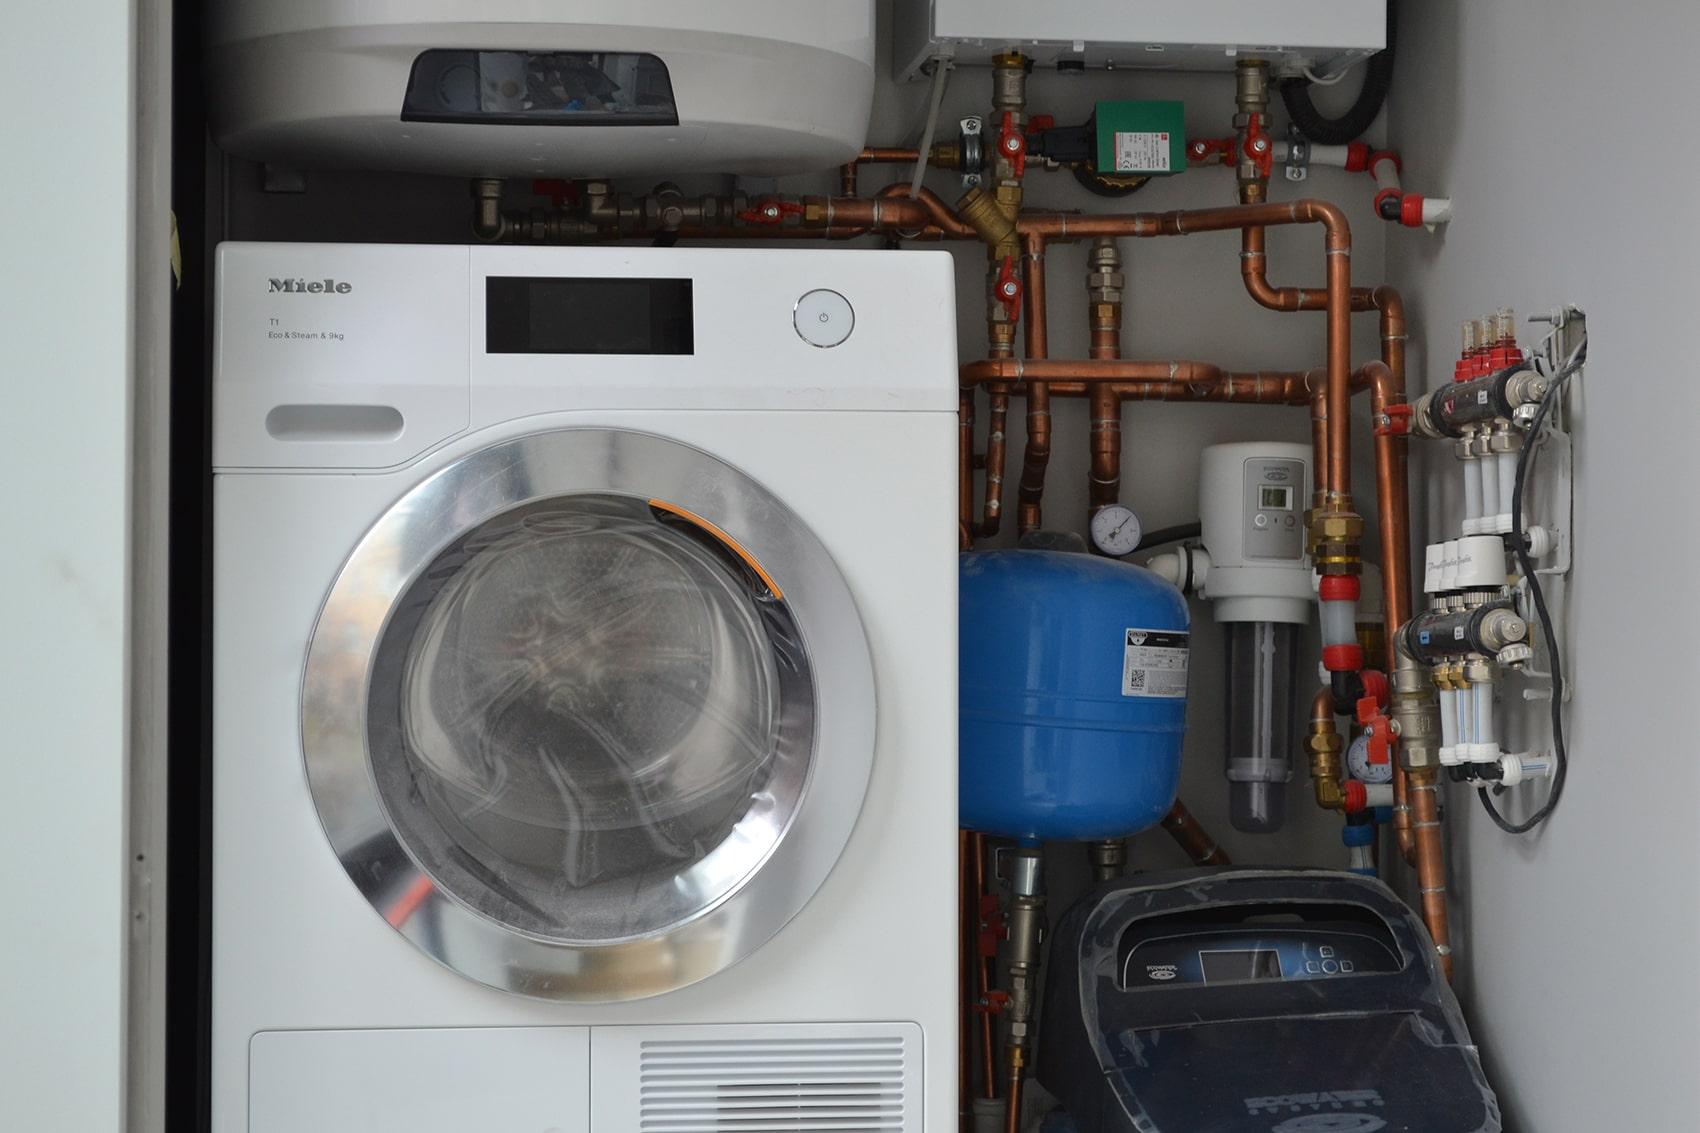 Системи опалення та водопостачання у влаштованій міні-котельні